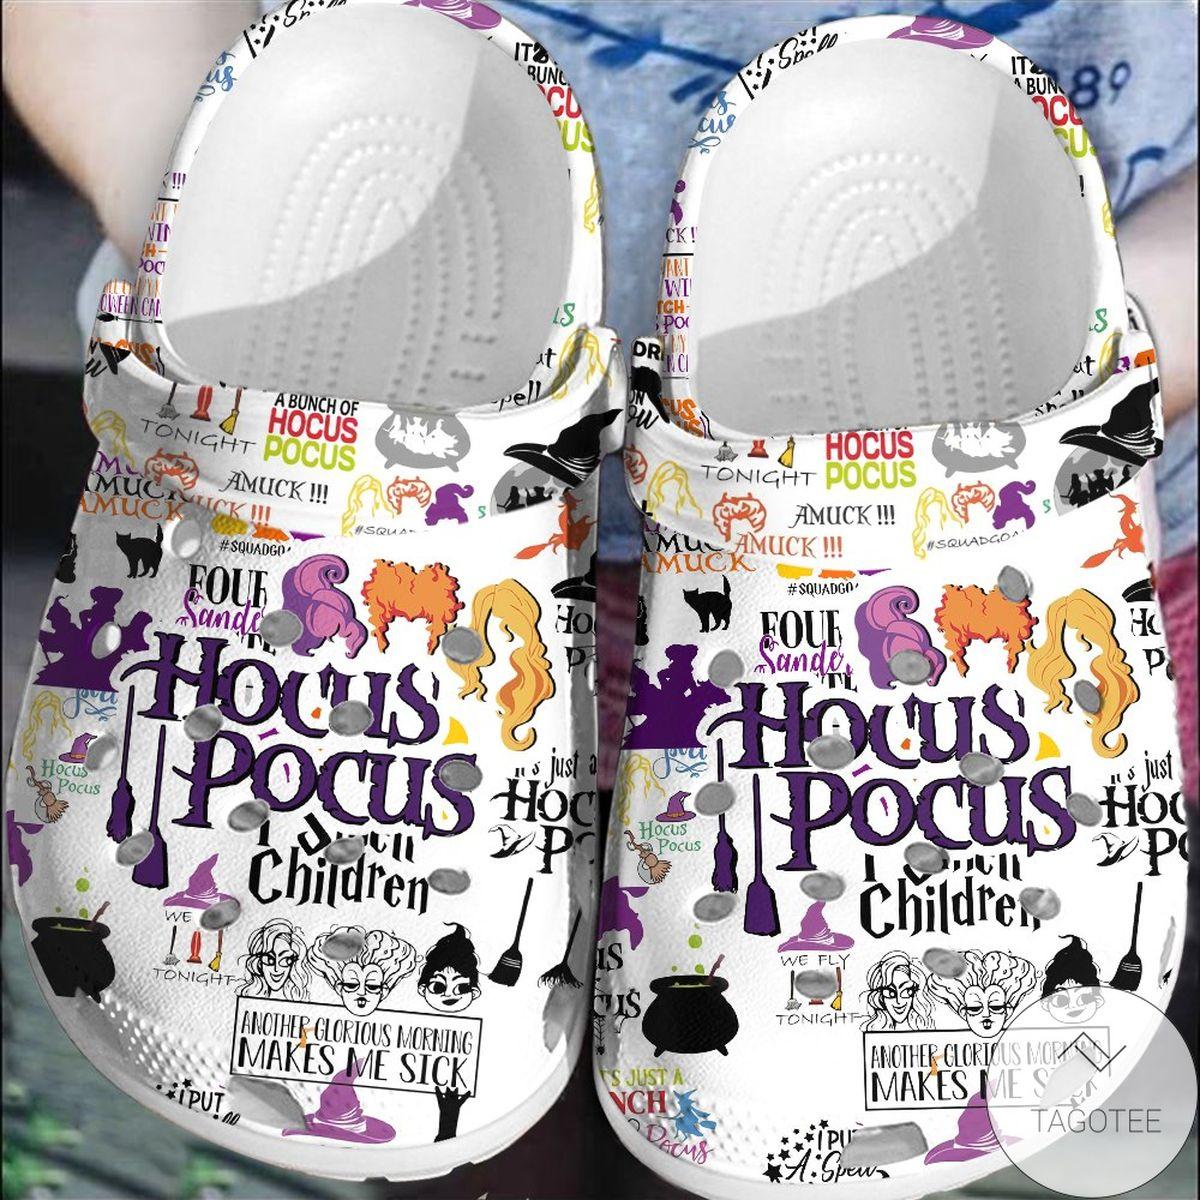 Hocus Pocus Another Glorious Morning Makes Me Sick Crocs